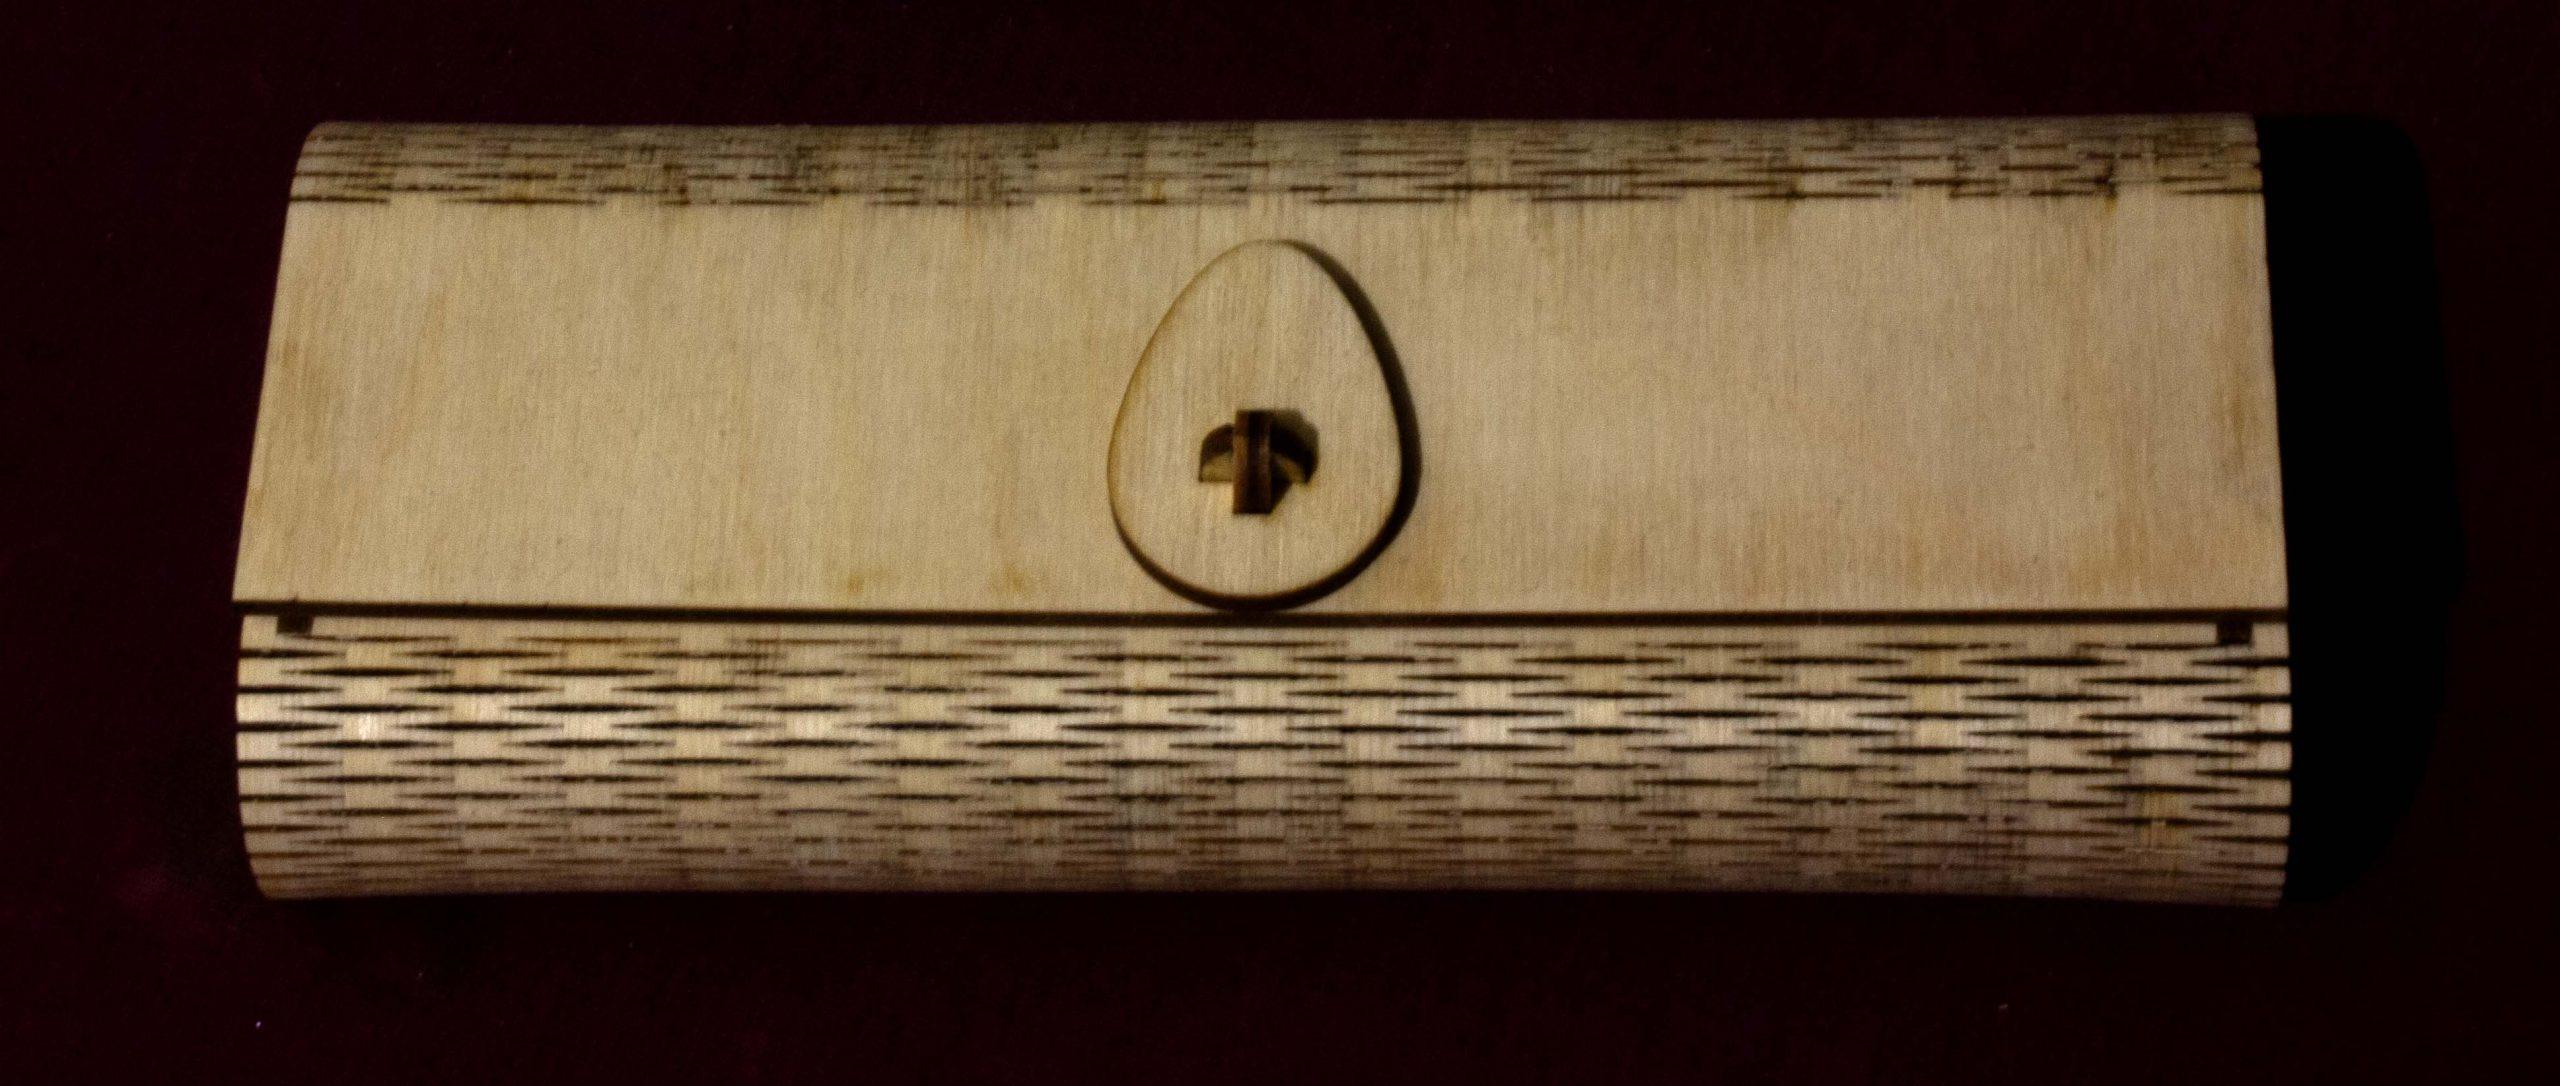 Smal brillendoosje -voorbeeld materialen Hout en aanverwanten